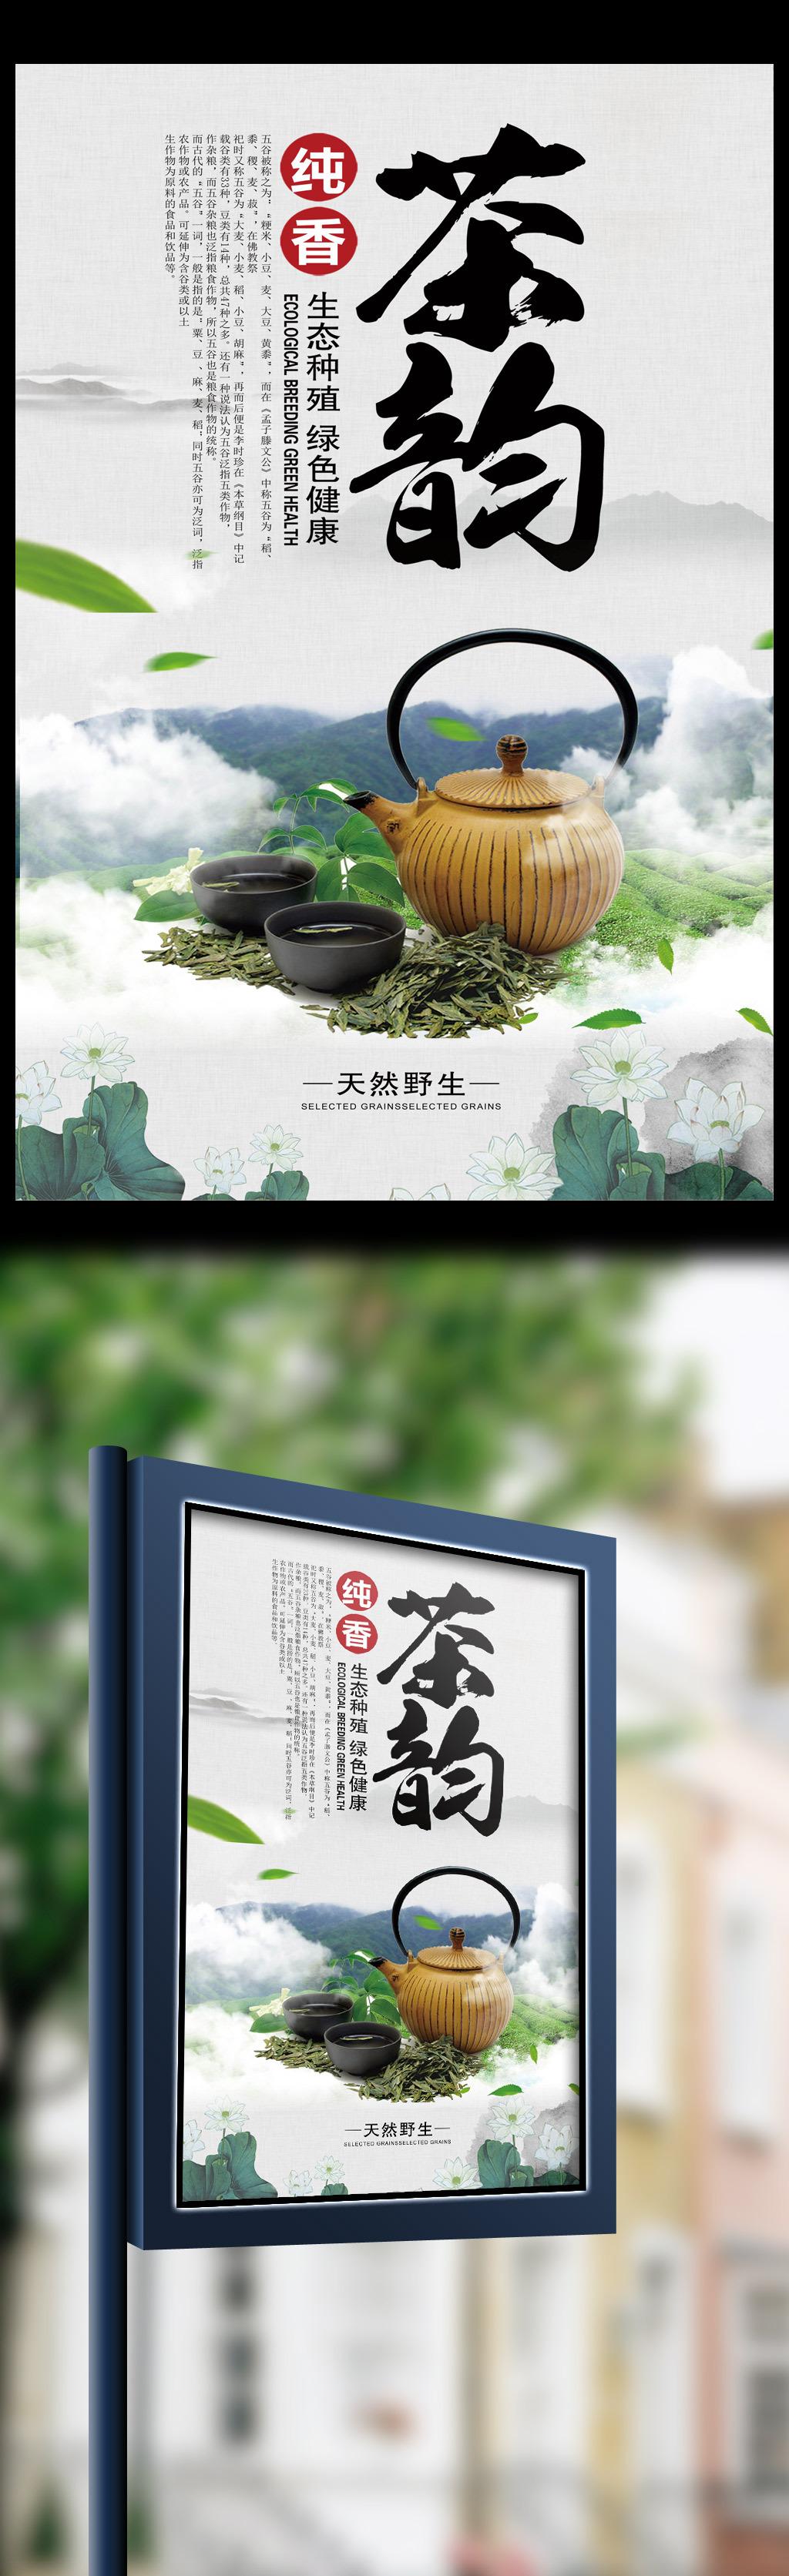 中国风茶道茶韵海报图片素材_中国风茶道茶韵海报psd